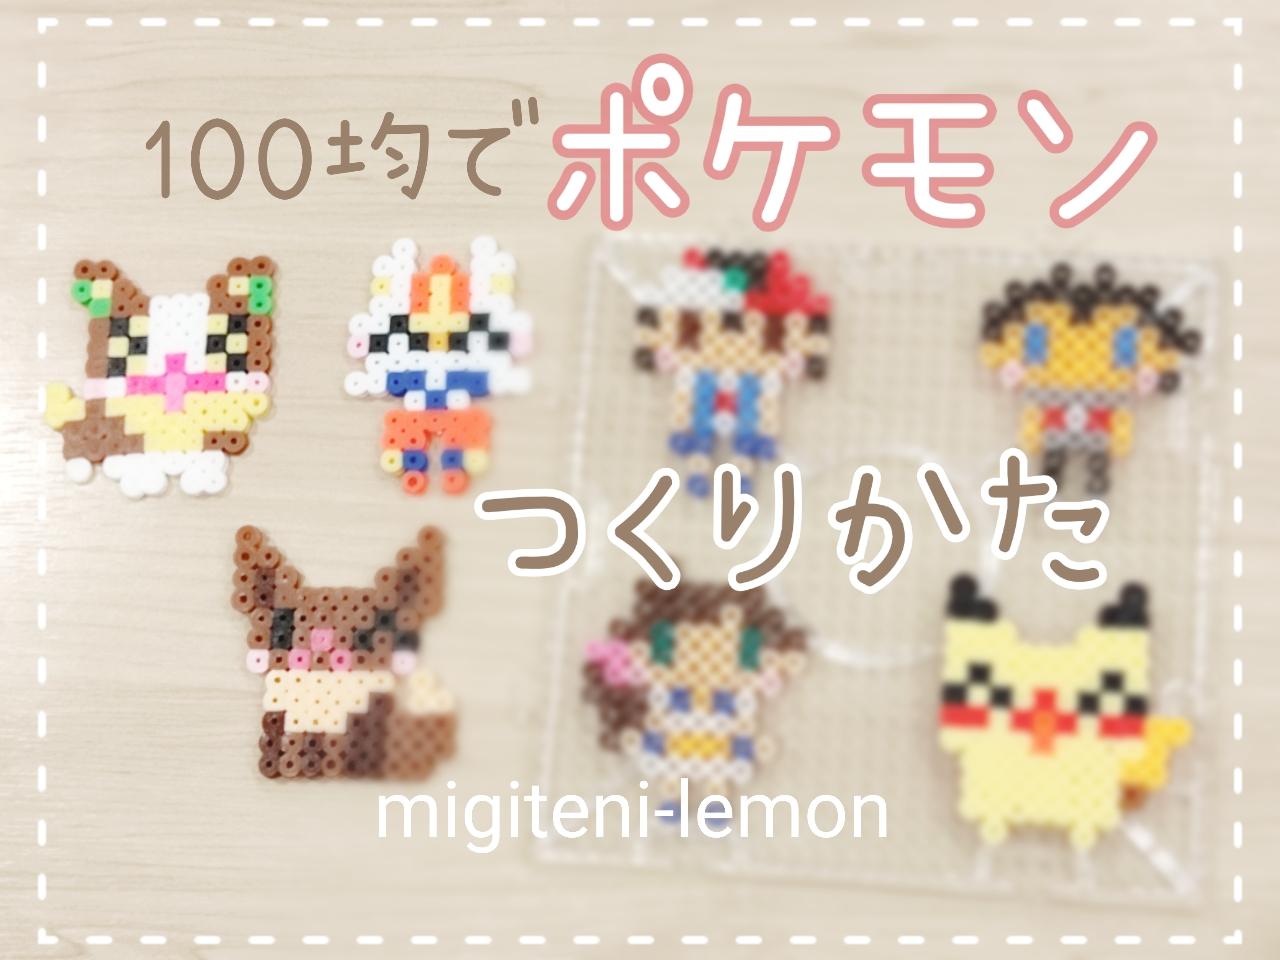 pokemon-kawaii-daiso-beads-2021-satoshi-gou-koharu